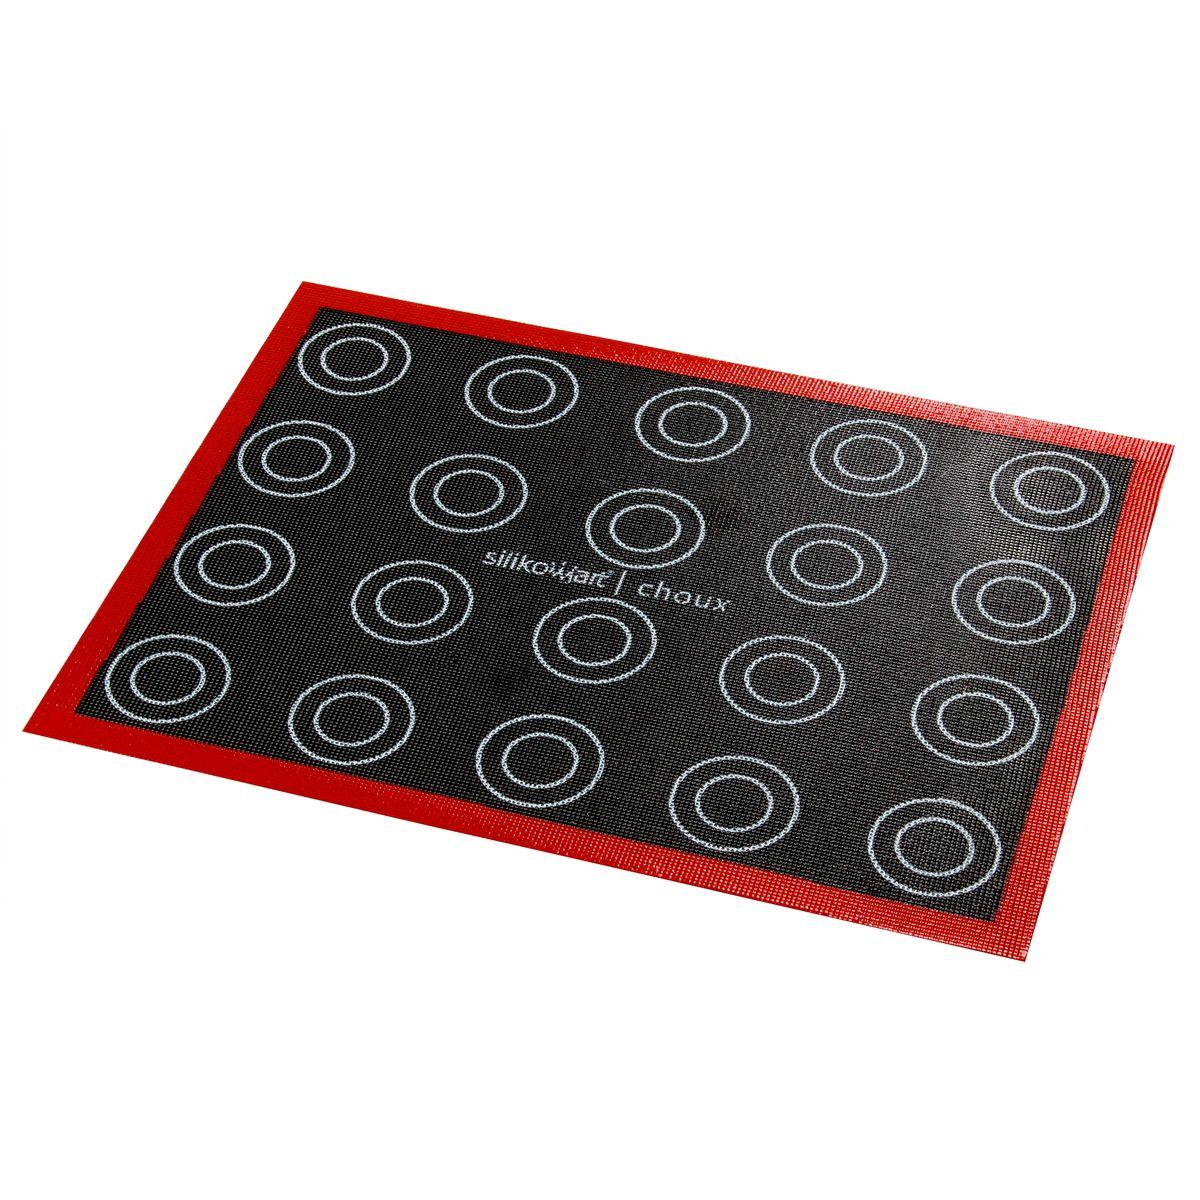 Tapis en silicone micro perforé avec empreintes noir et rouge 30 x 40 cm - Silikomart